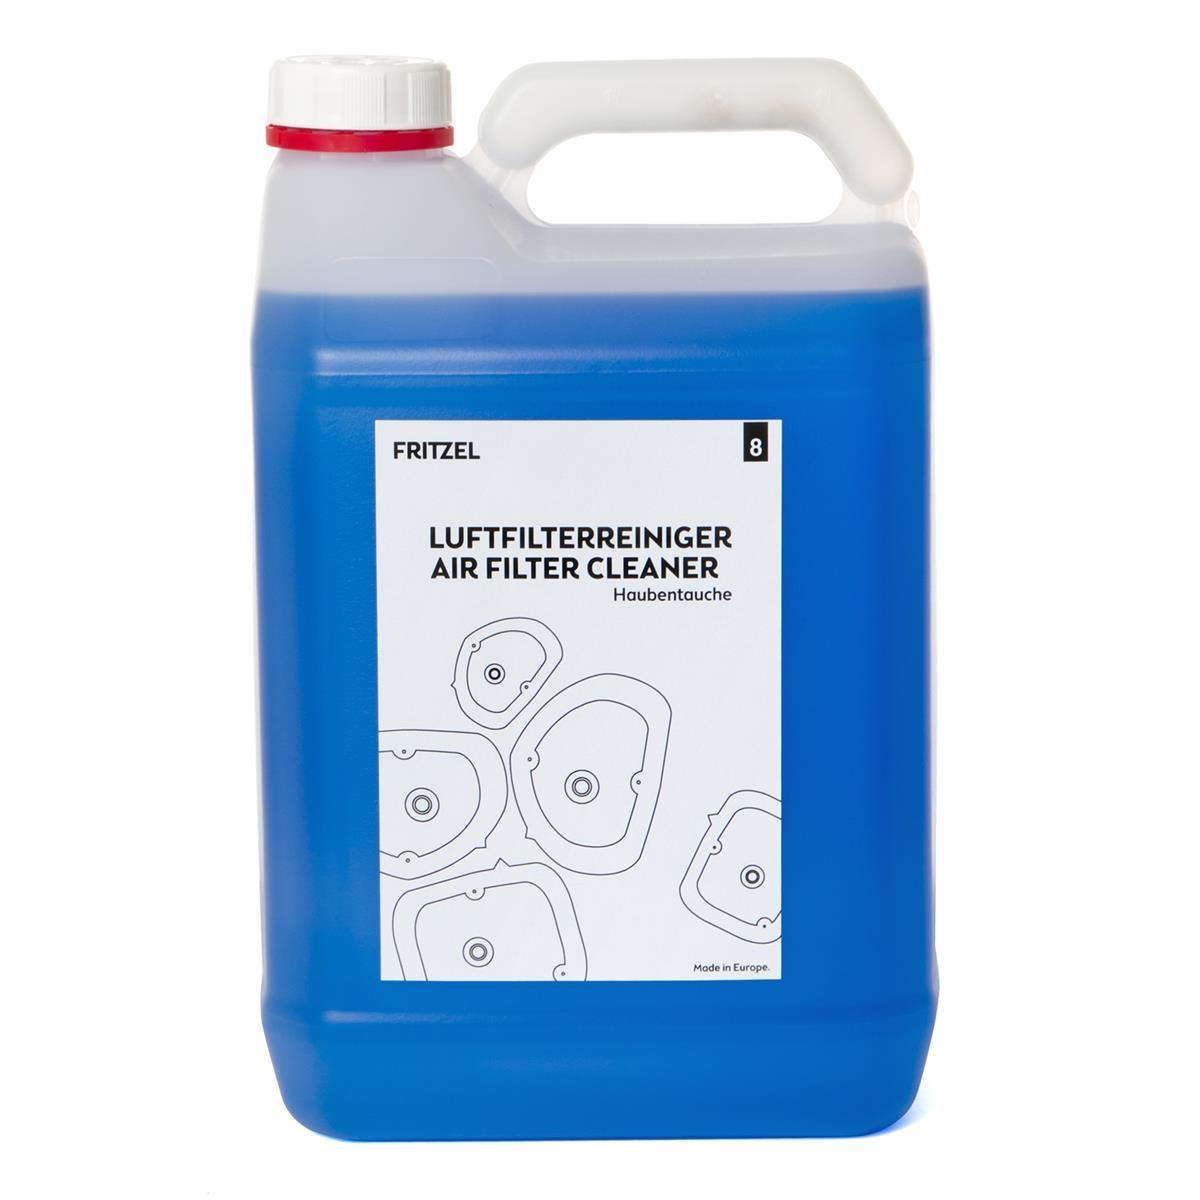 FRITZEL Luftfilterreiniger Haubentauche 5 Liter